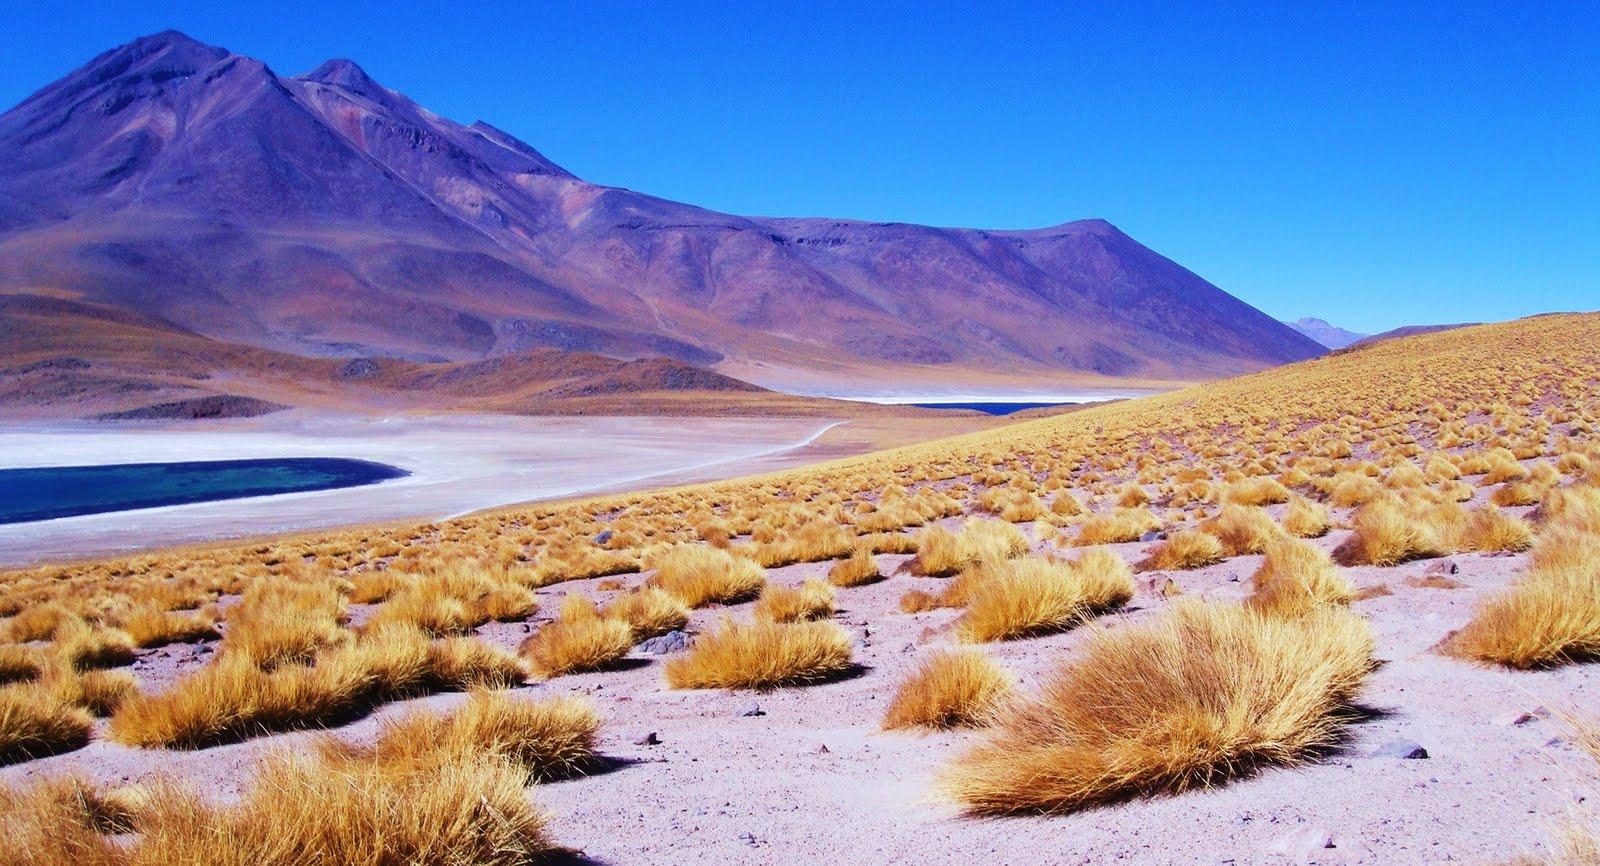 Turismo-no-Chile-deserto-de-atacama Turismo no Chile, o que fazer? (Dicas + ebook grátis)